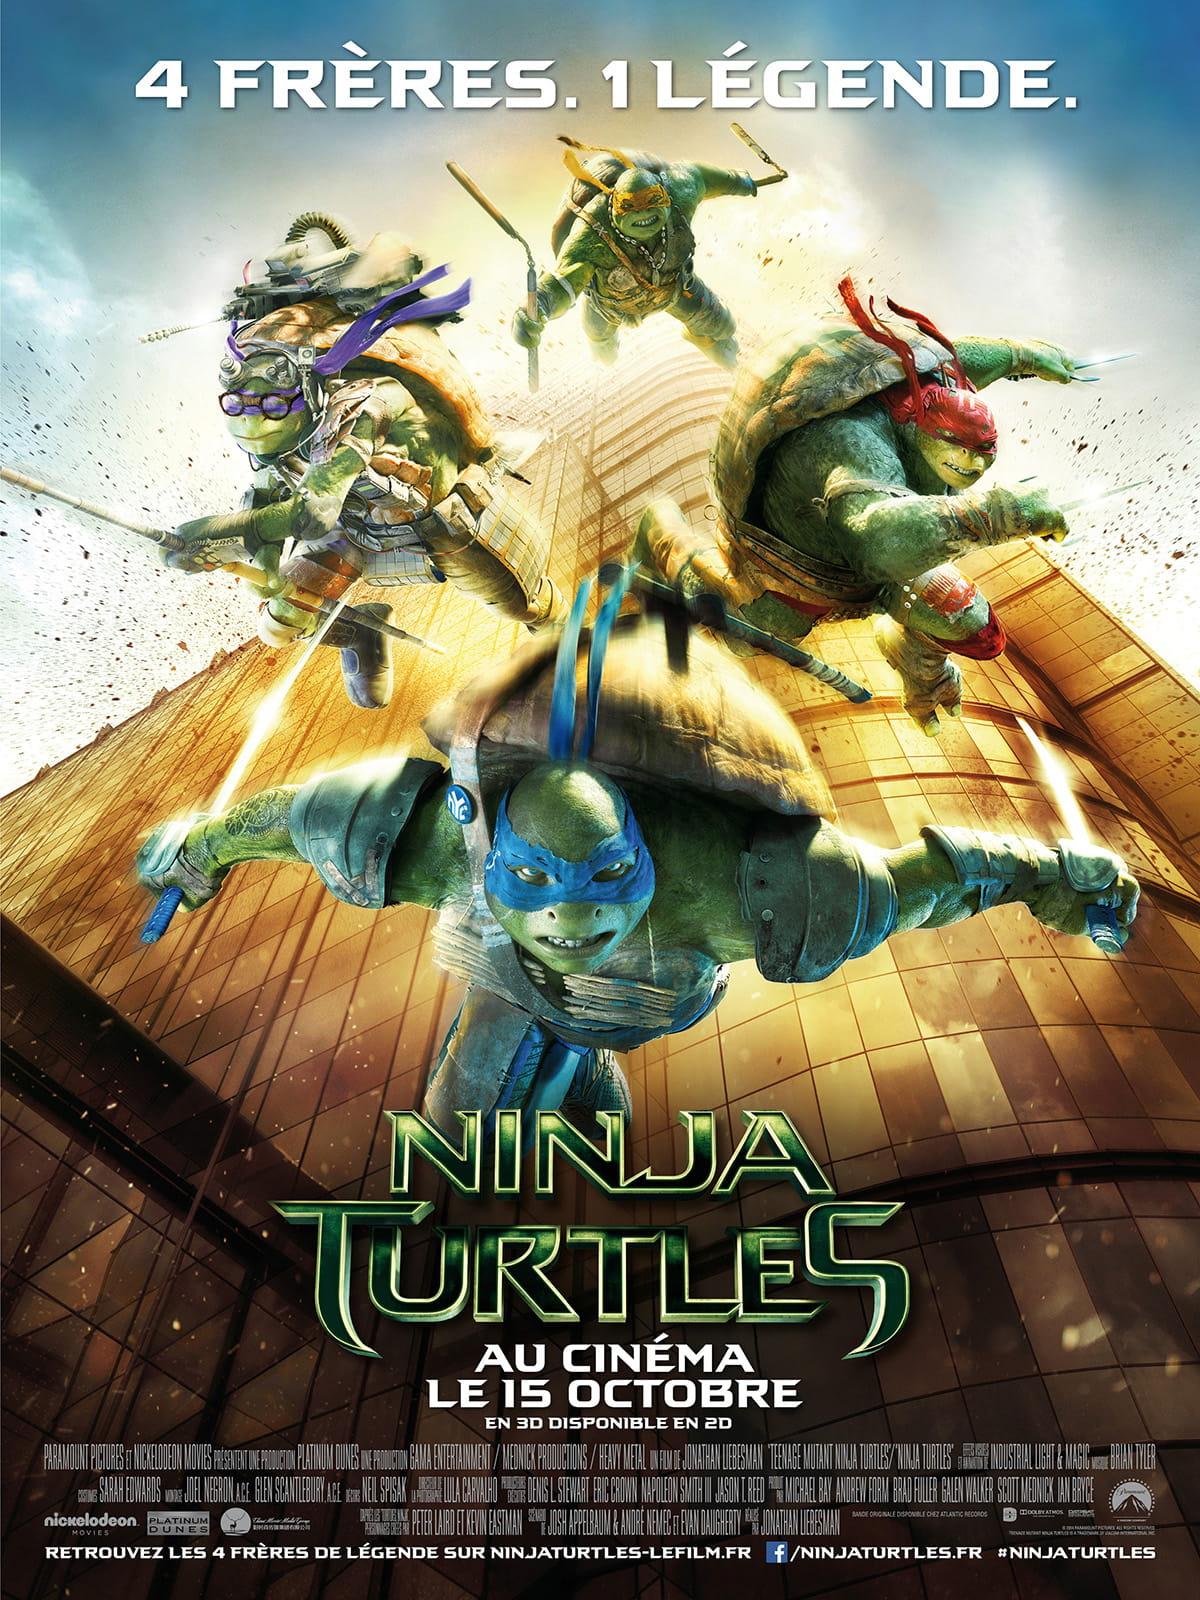 Ninja turtles des carapaces de l 39 humour et des pizzas journal des fe - Journal des femmes com ...